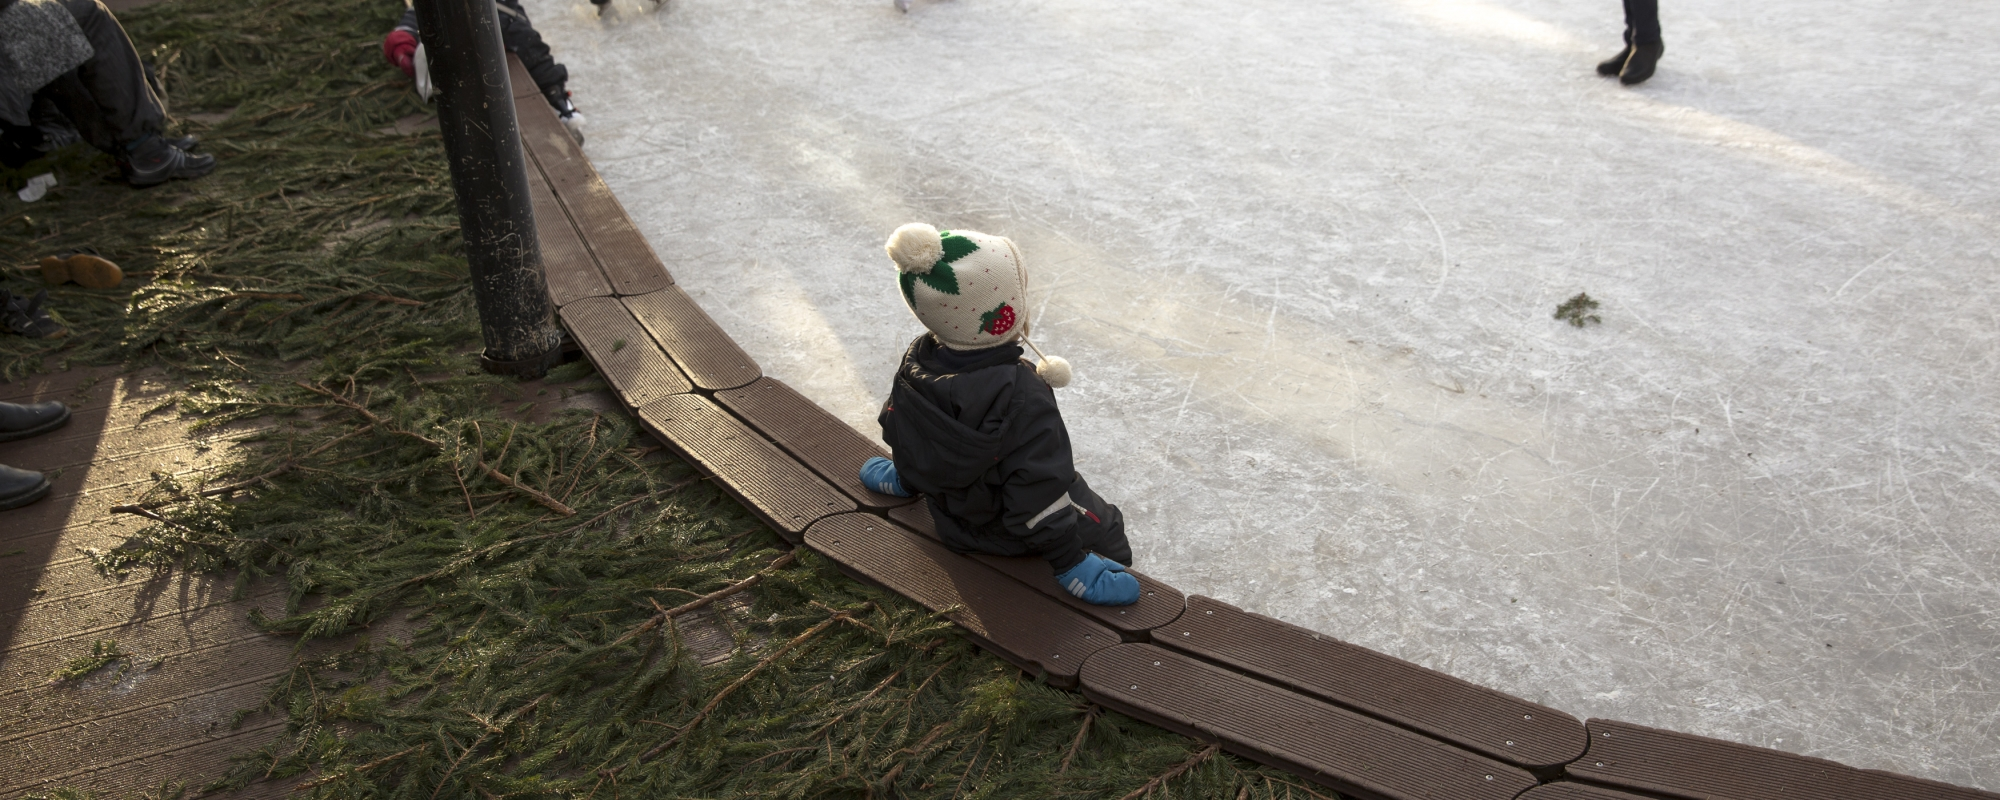 Ett barn står i kanten av en isbana. Runt isbanan ligger granris.